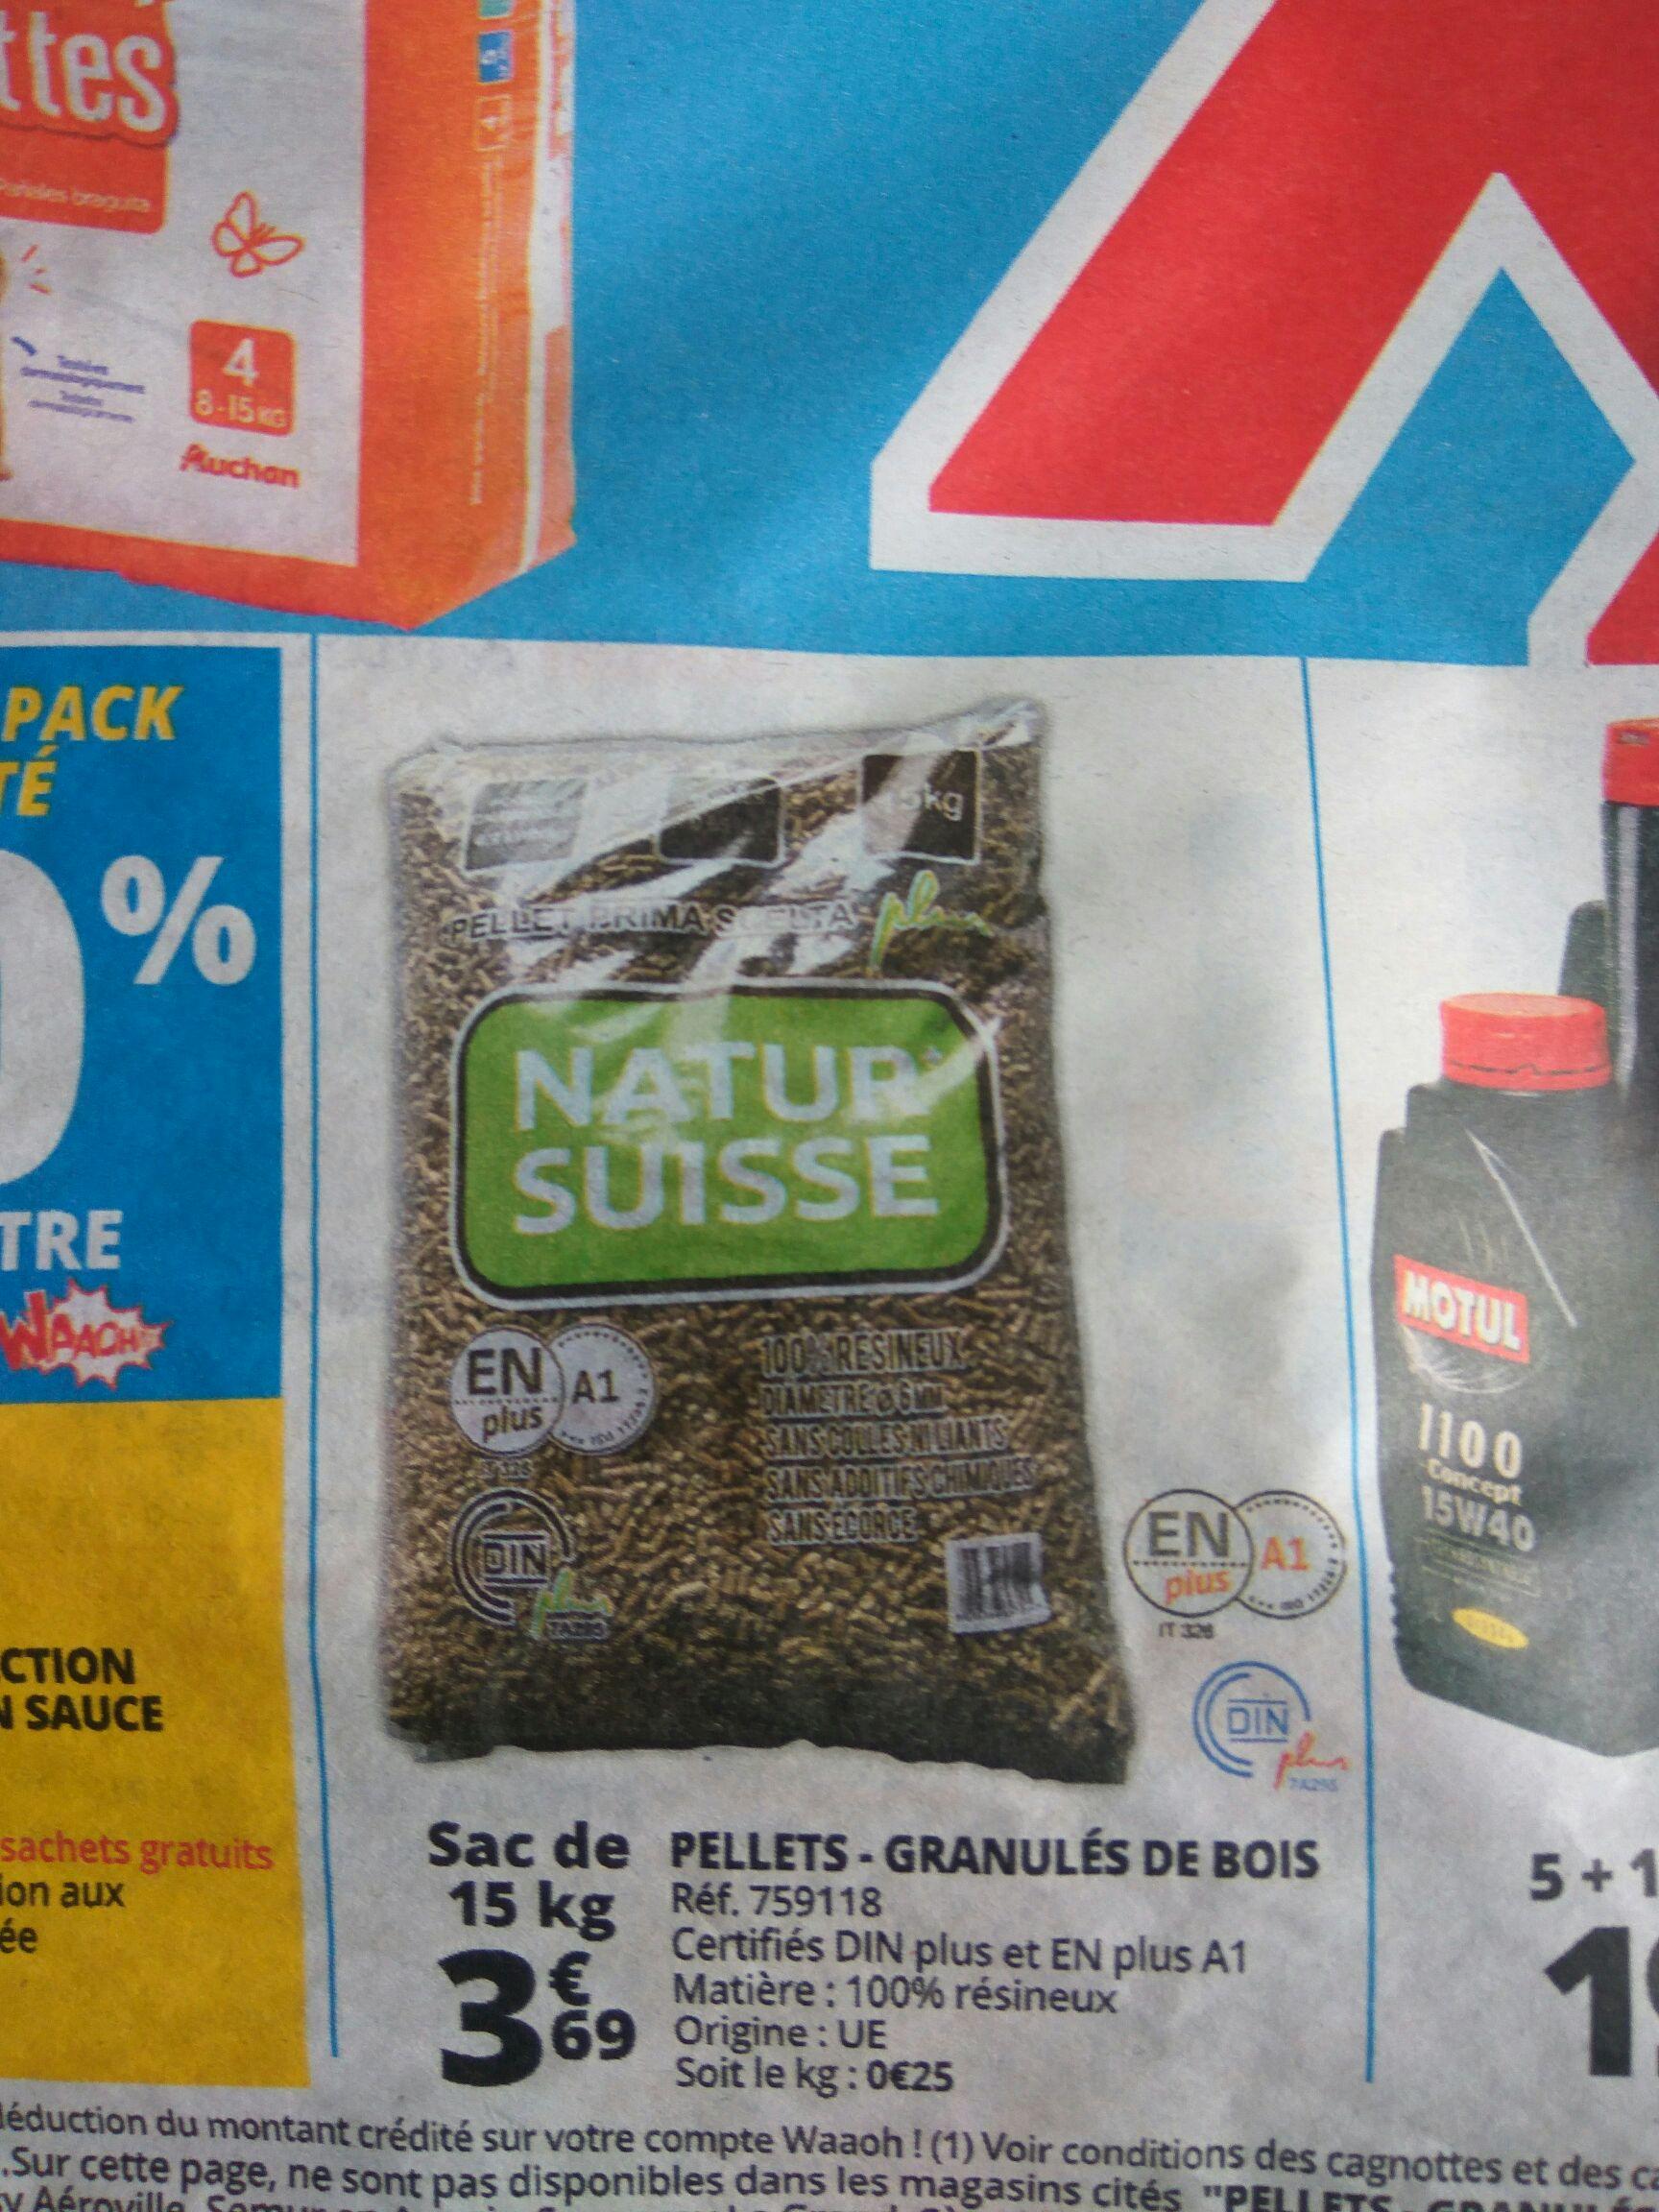 Sachet de 15 kg de granulés de bois Natur Suisse - 100% résineux, Din Plus / EN Plus A1 chez Auchan Viry-Noureuil (02)